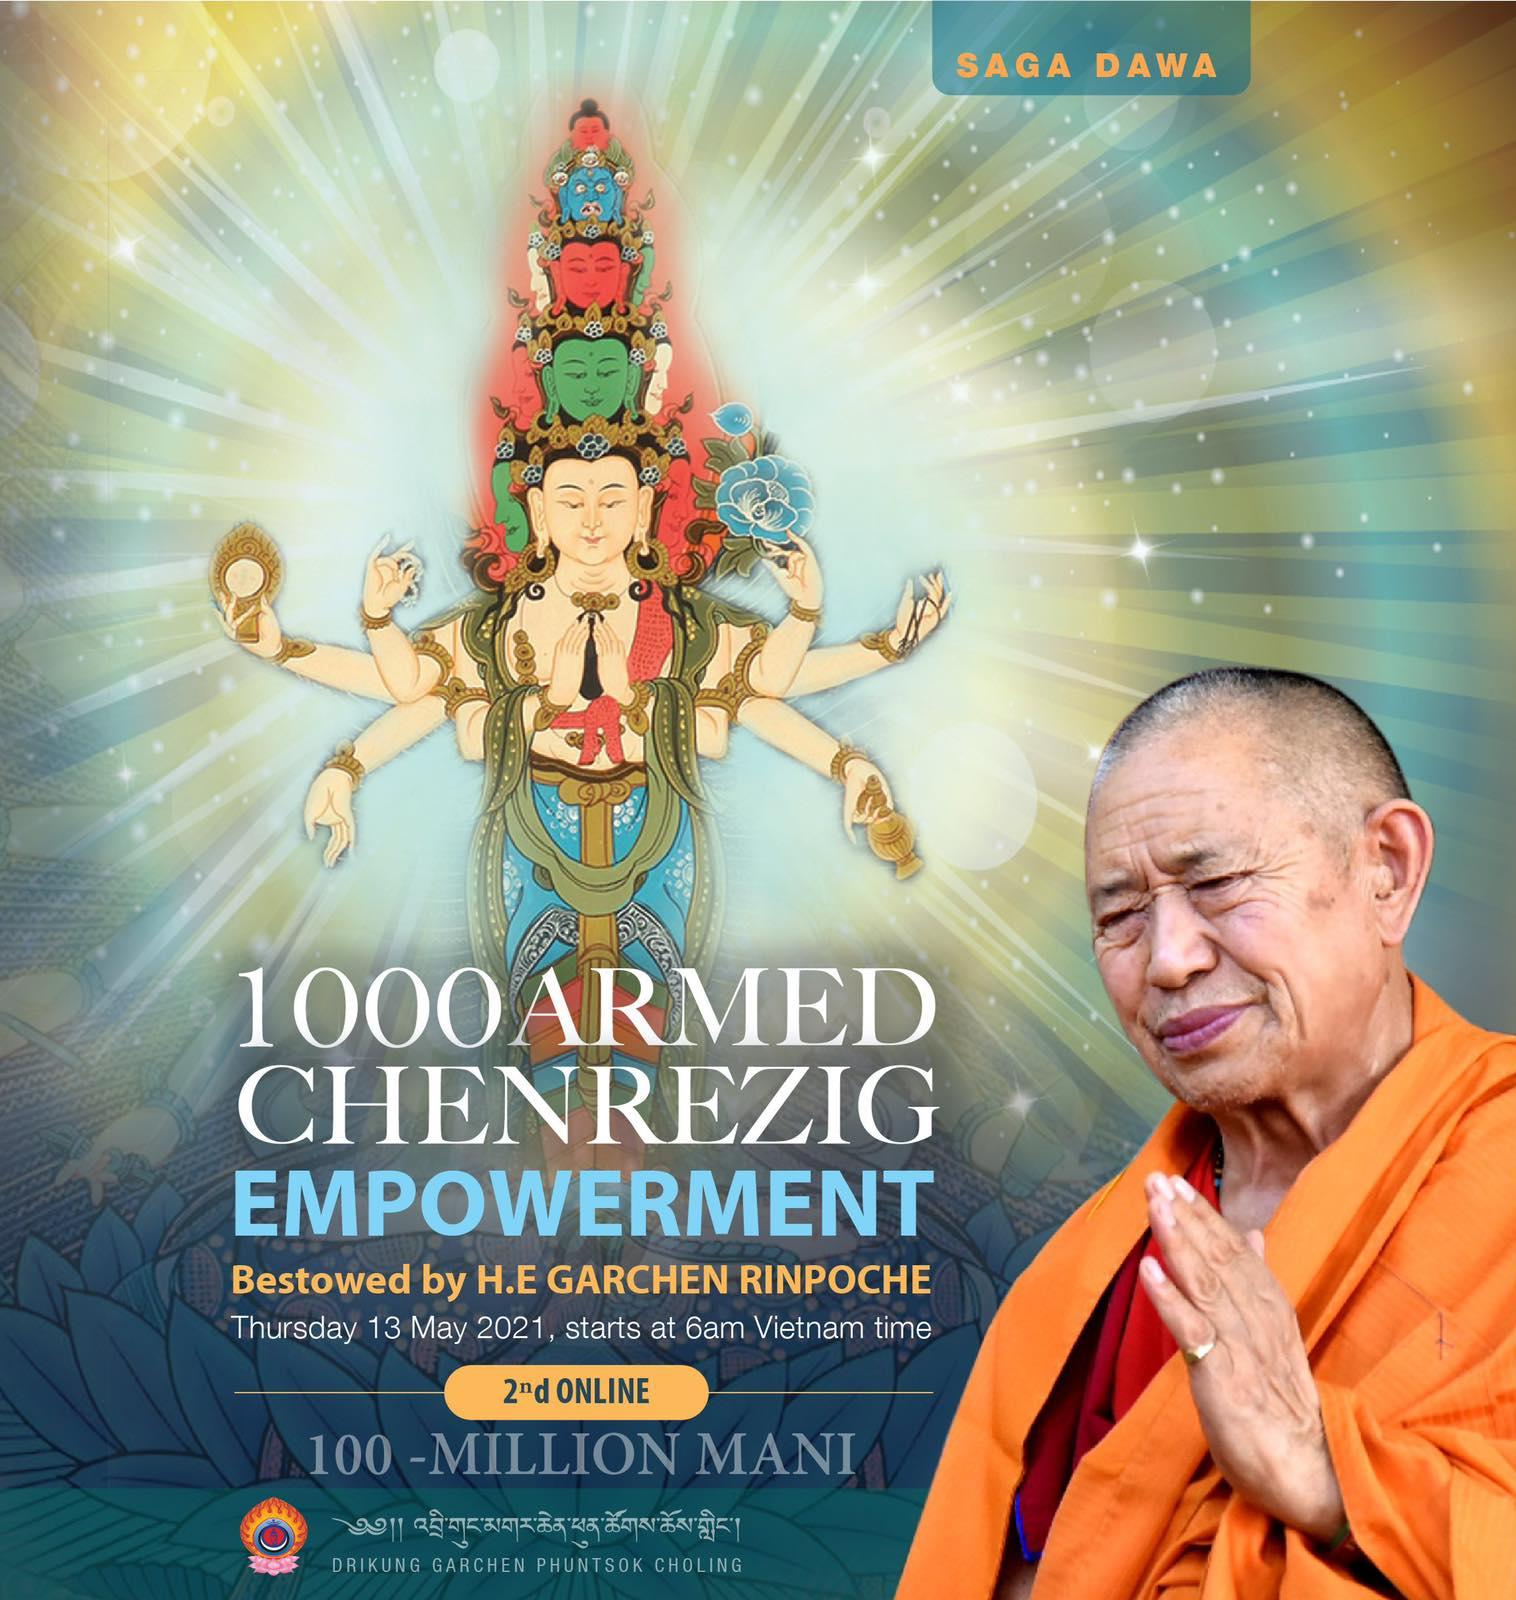 Chenrezig Empowerment with Garchen Rinpoche